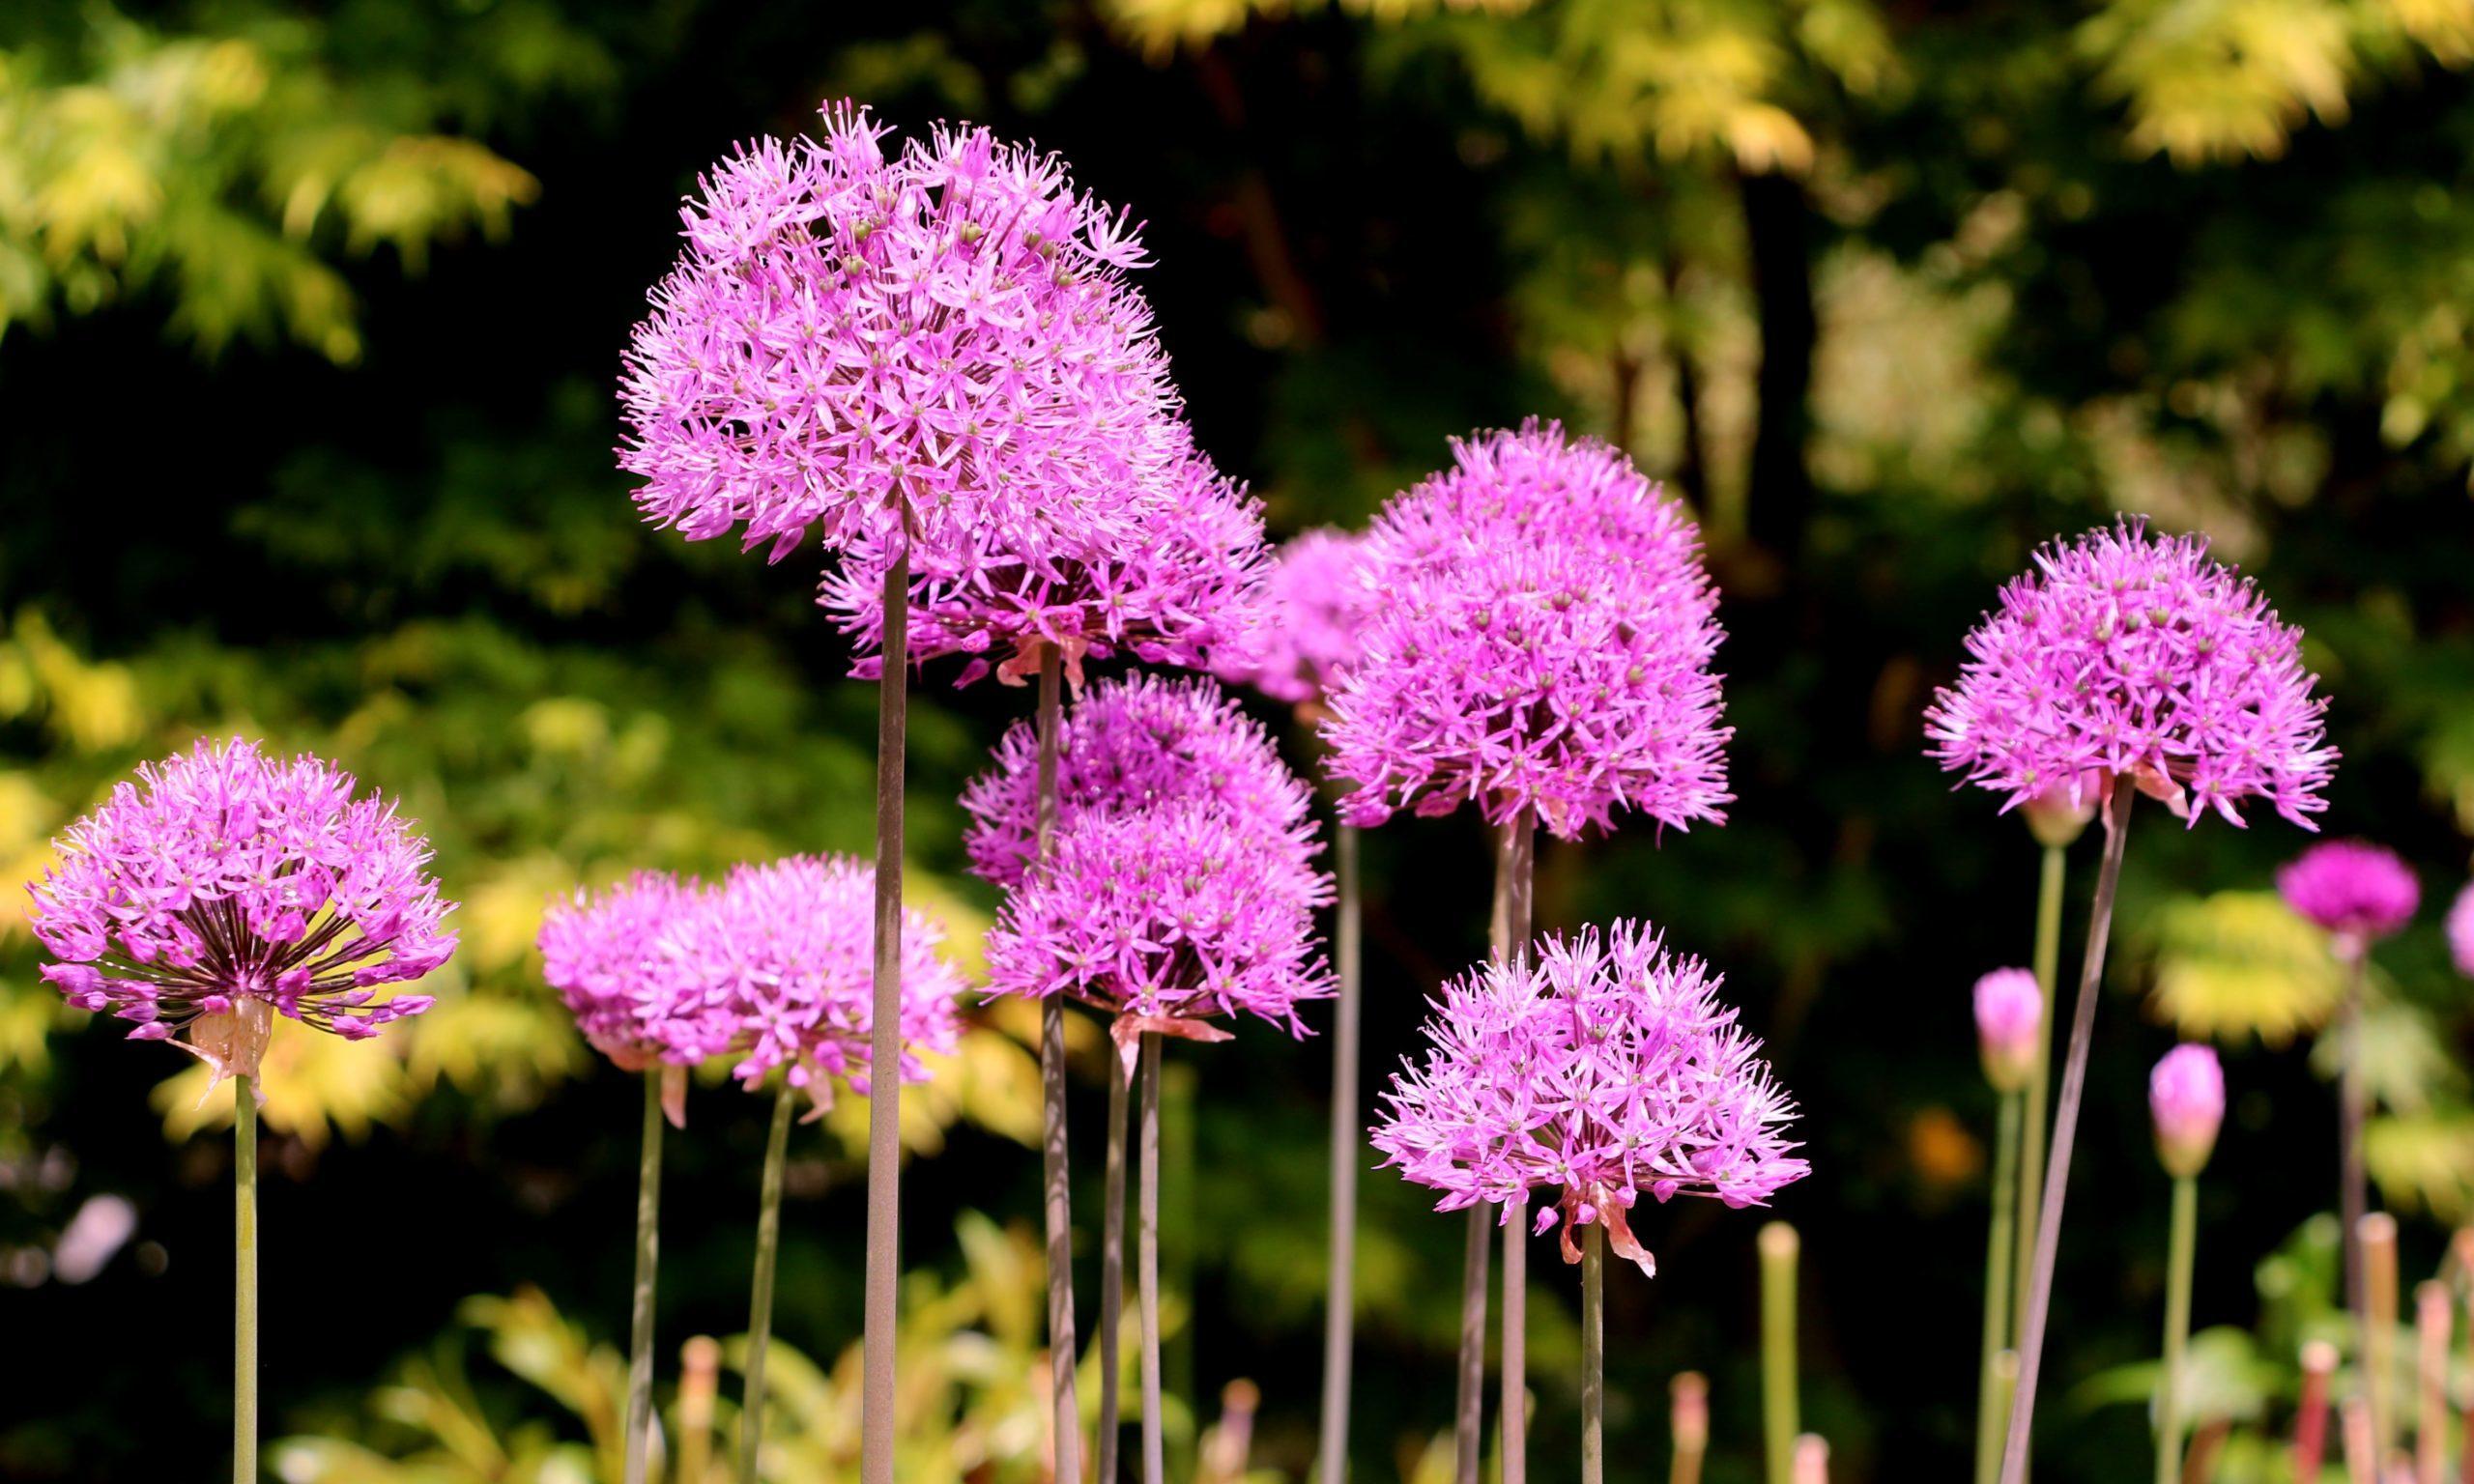 Allium in flower